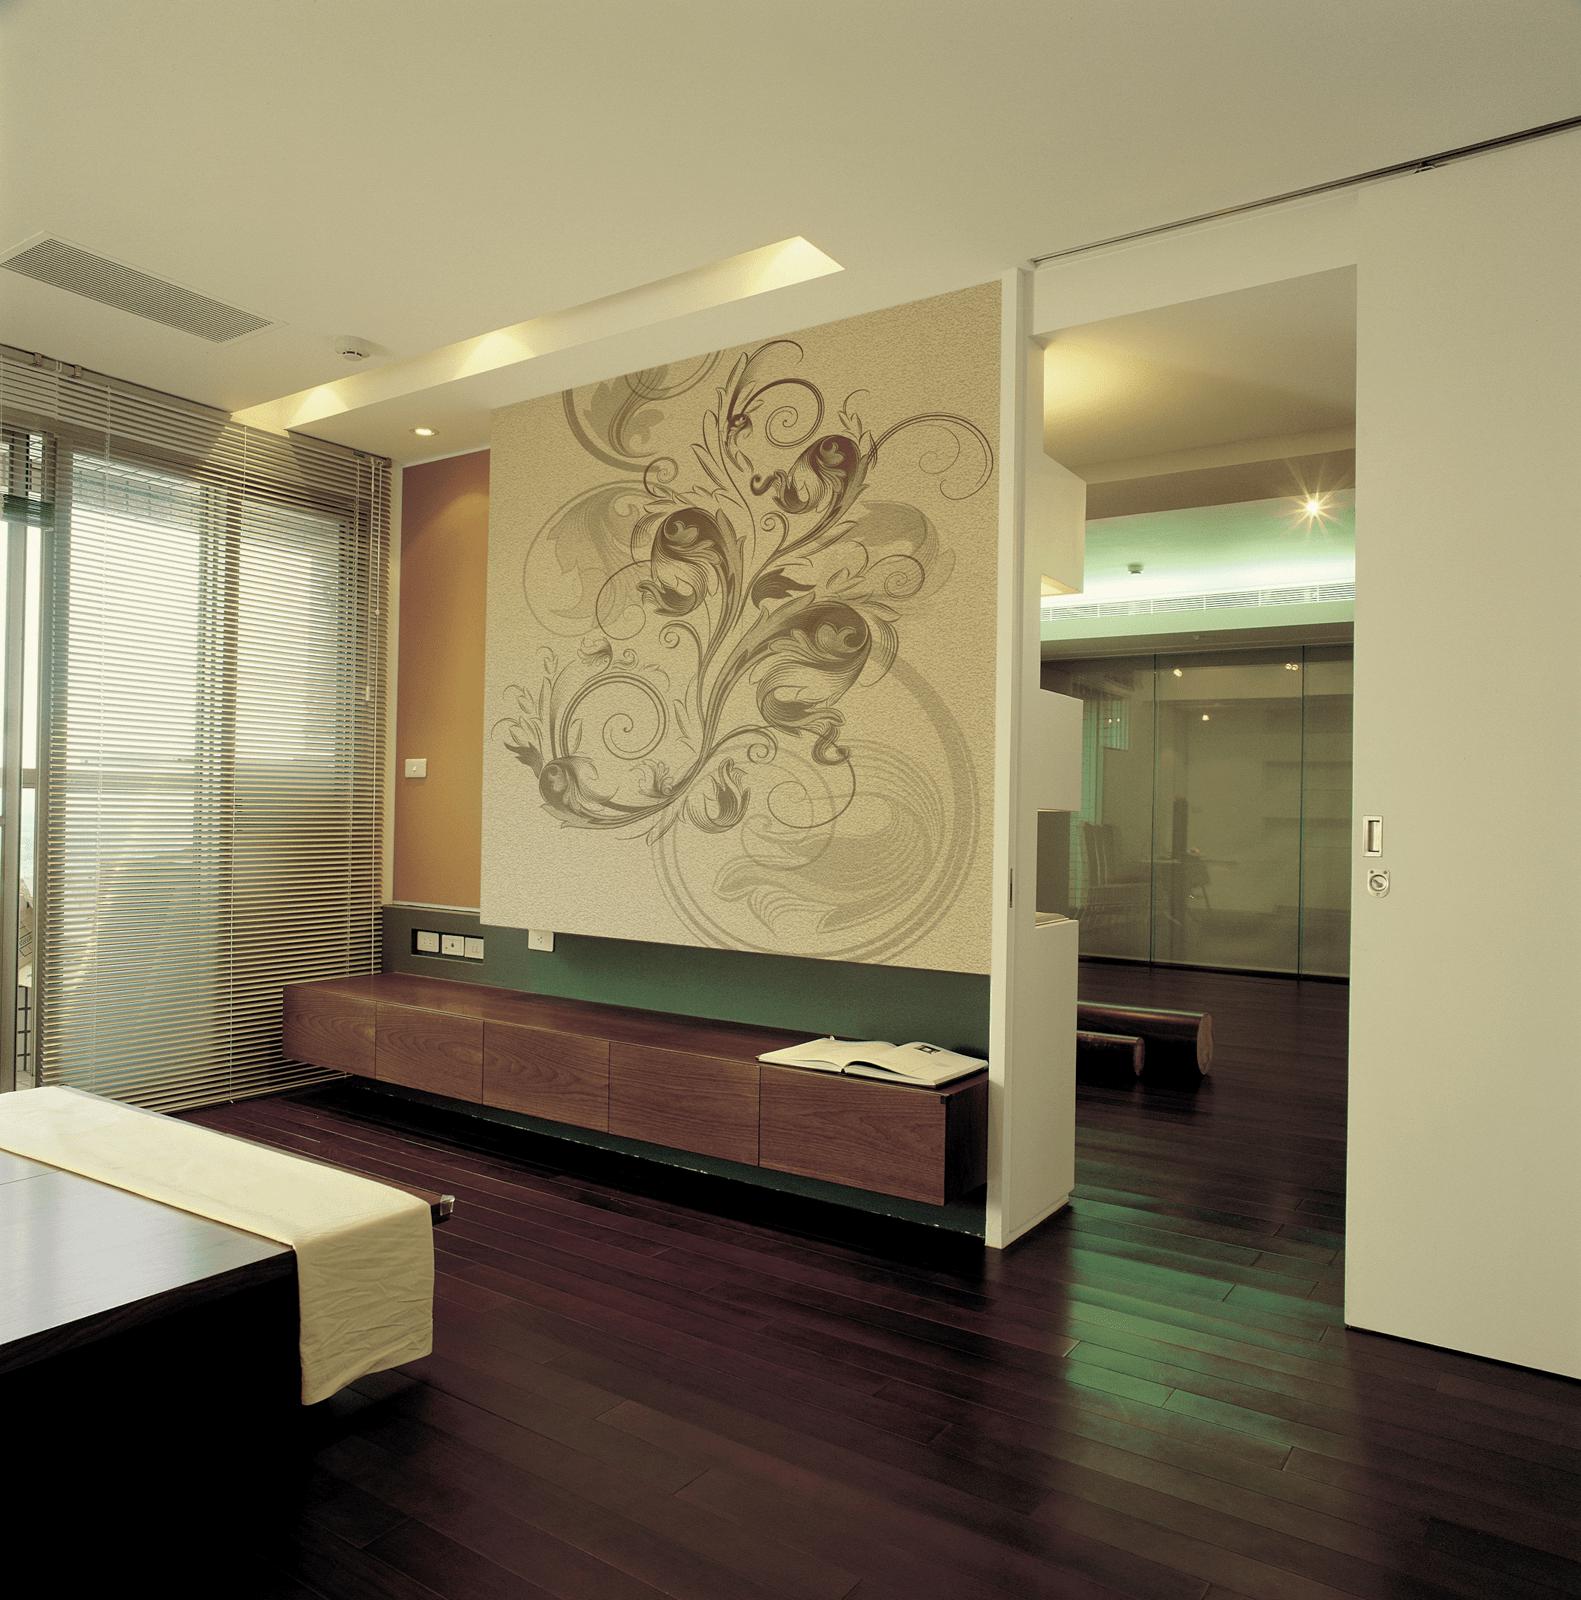 Carta da parati restyling per una parete di casa cose for Carta da parati per soggiorno moderno